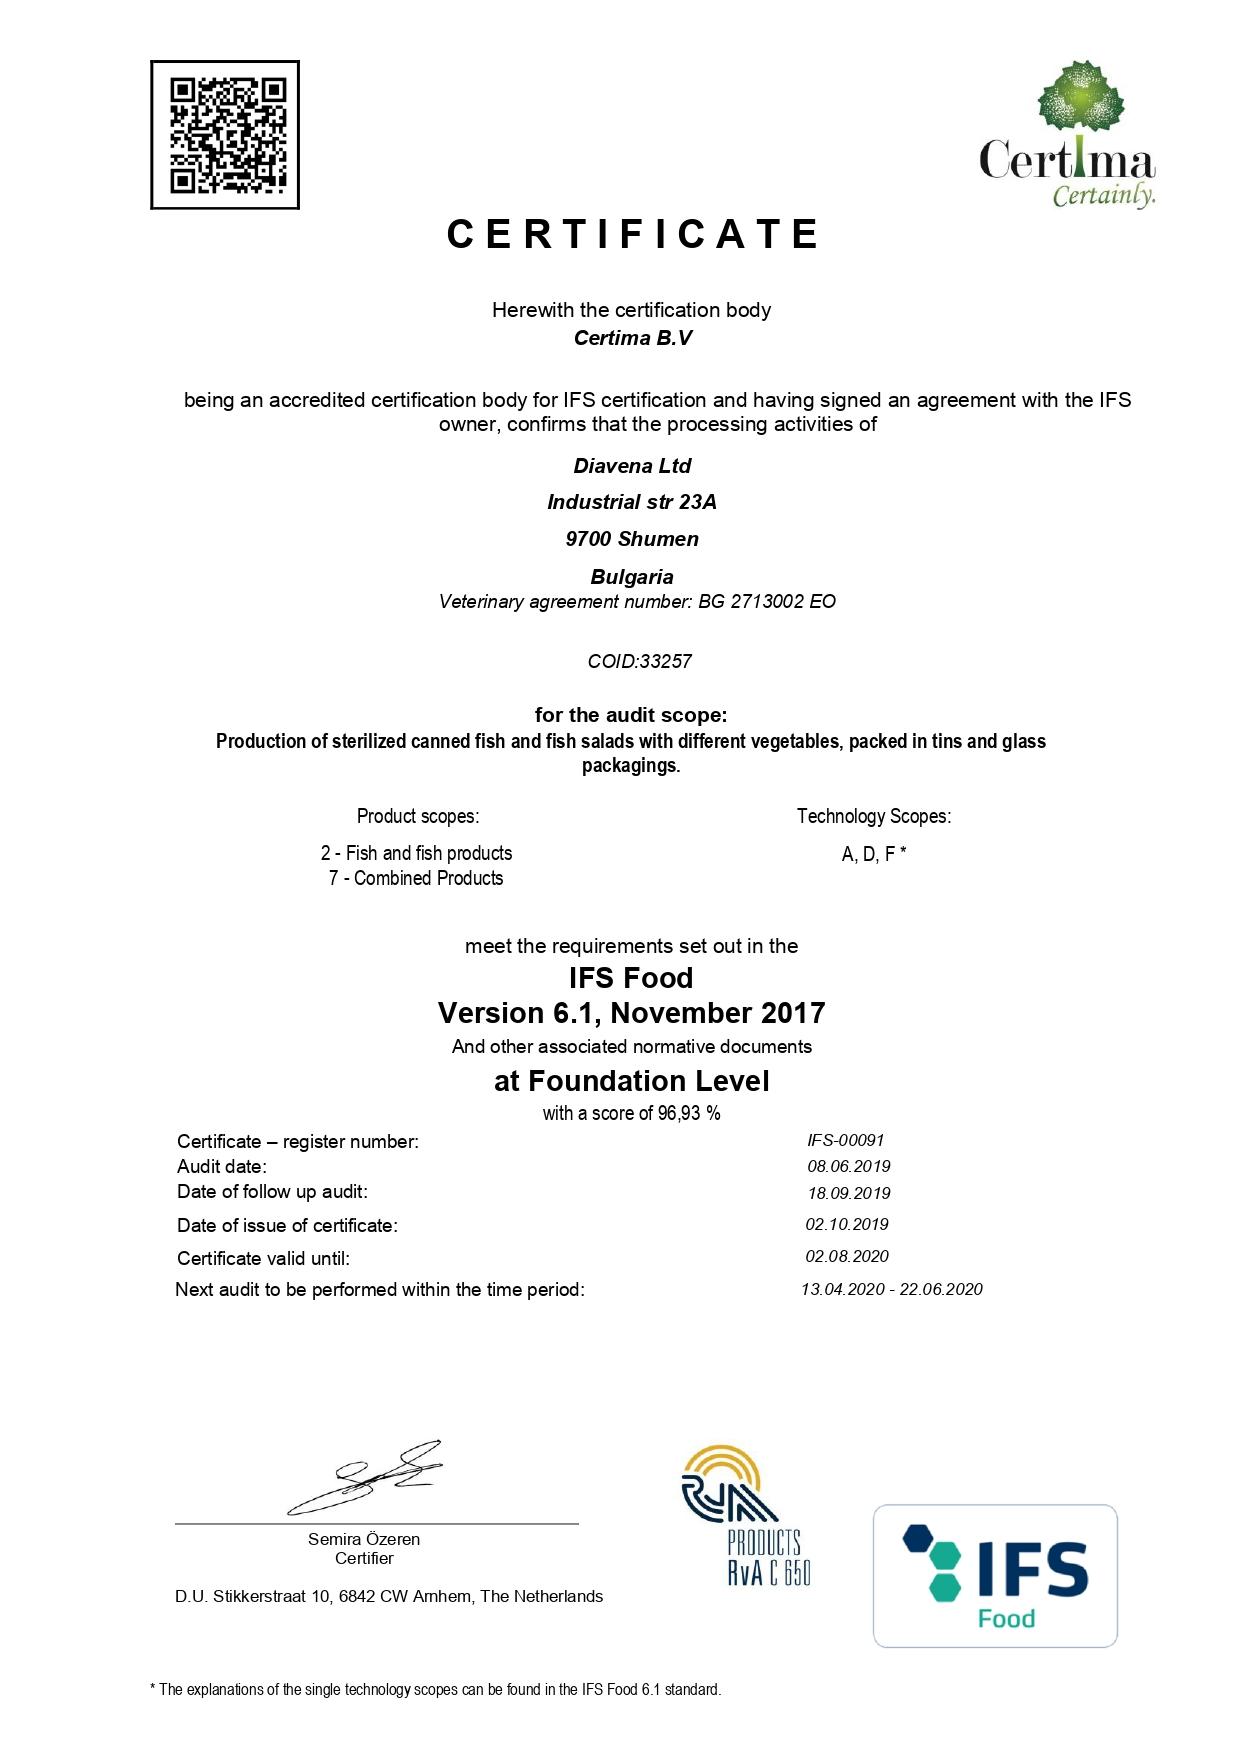 Сертификат от Certima B.V